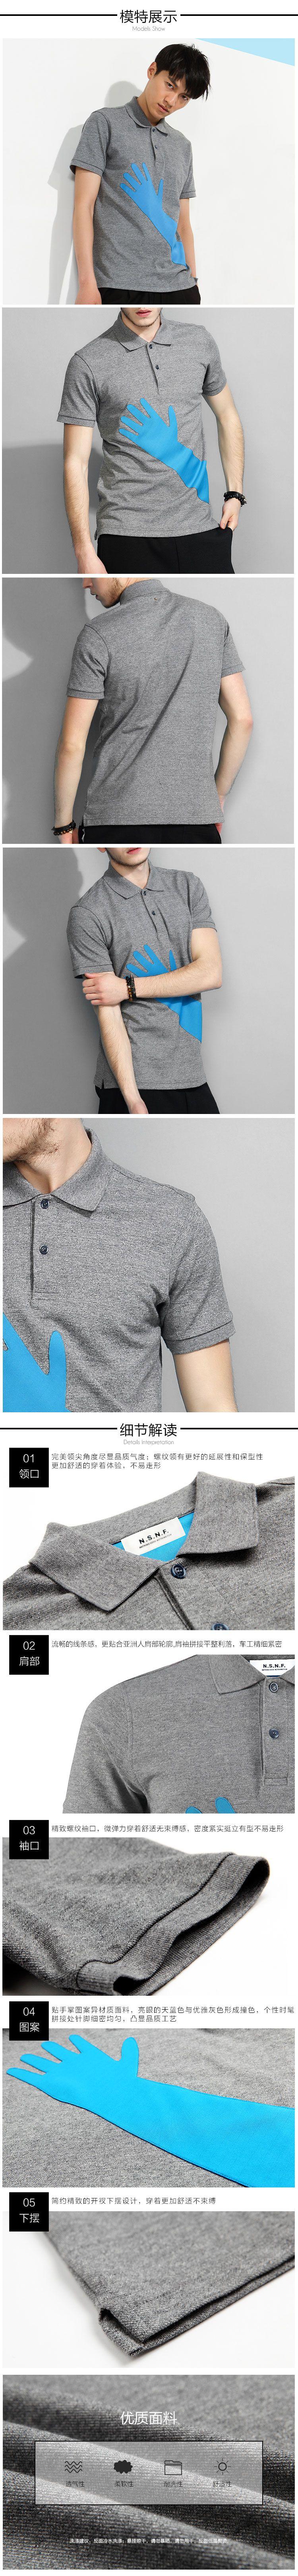 手掌图案灰色t恤